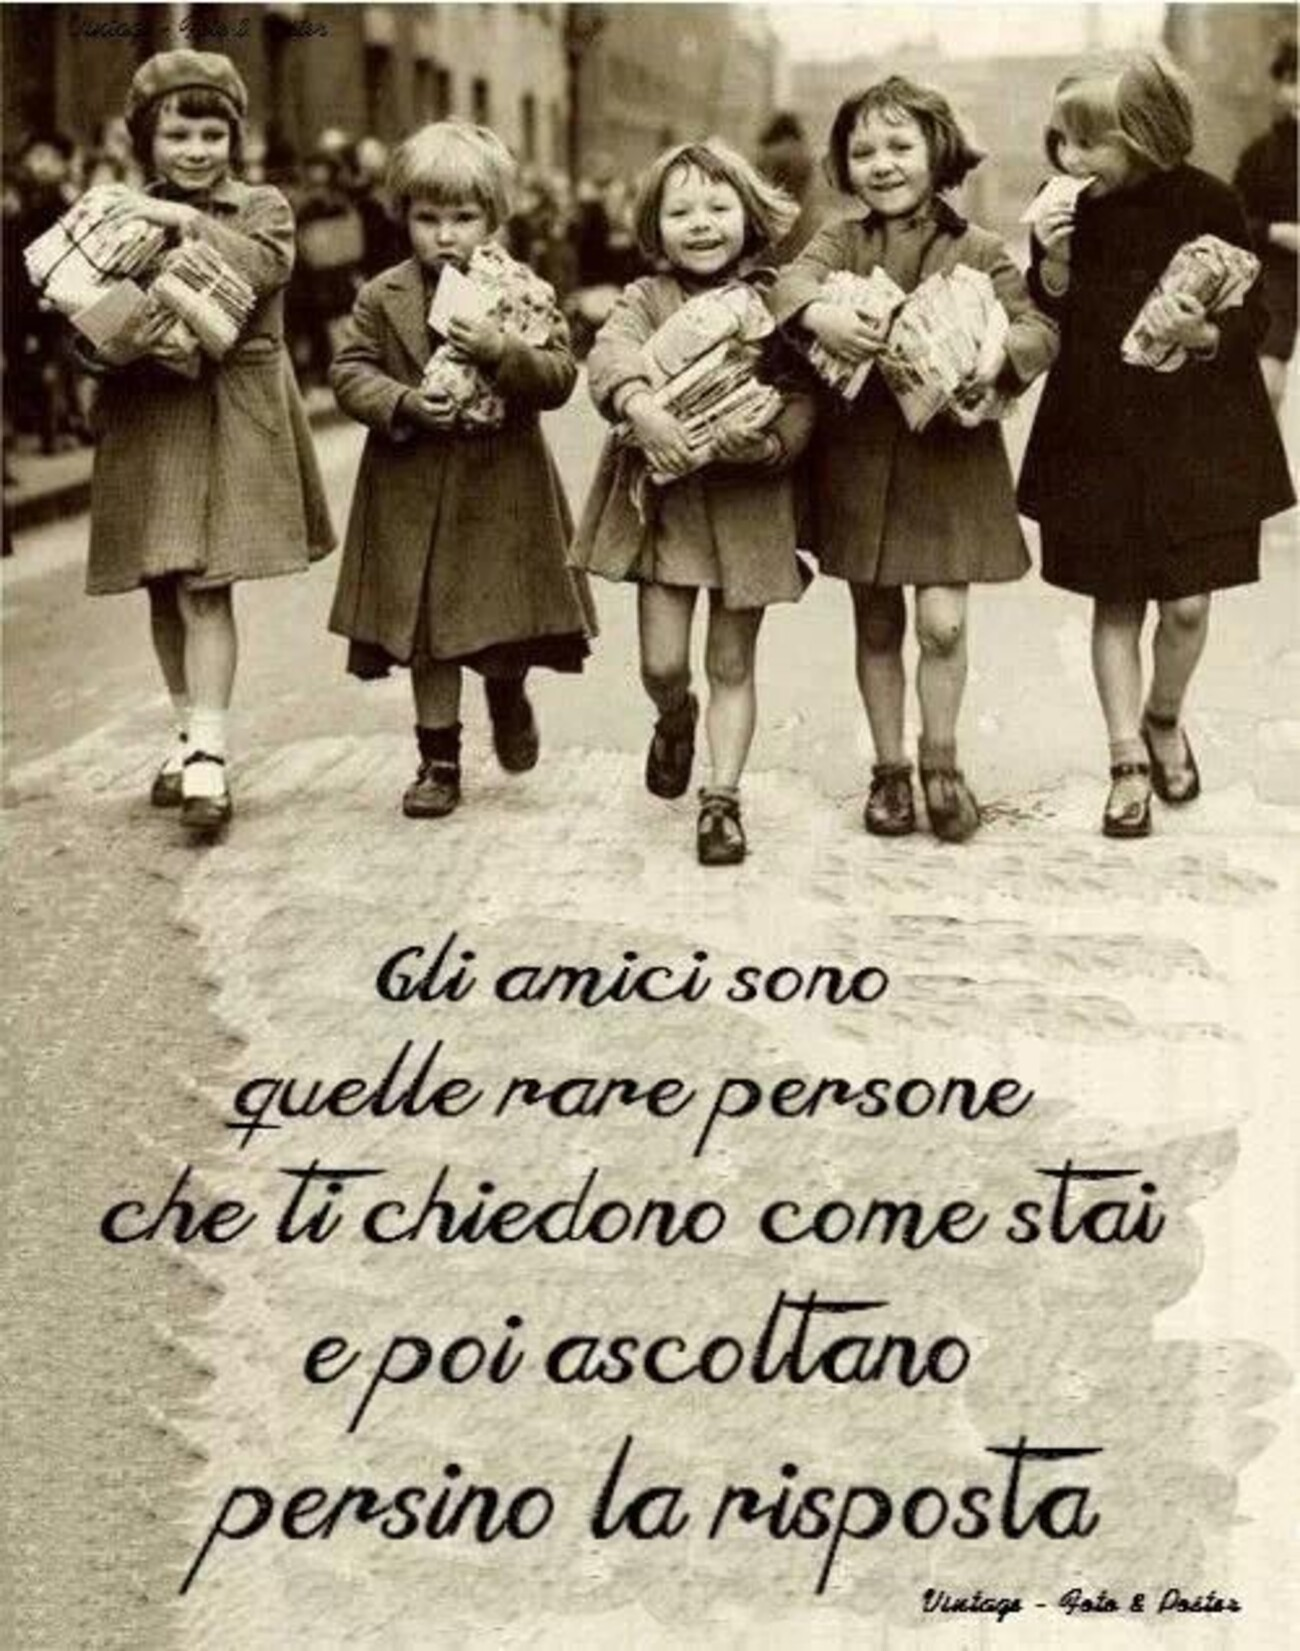 Gli amici sono quelle rare persone che ti chiedono come stai e poi ascoltano persino le risposte.